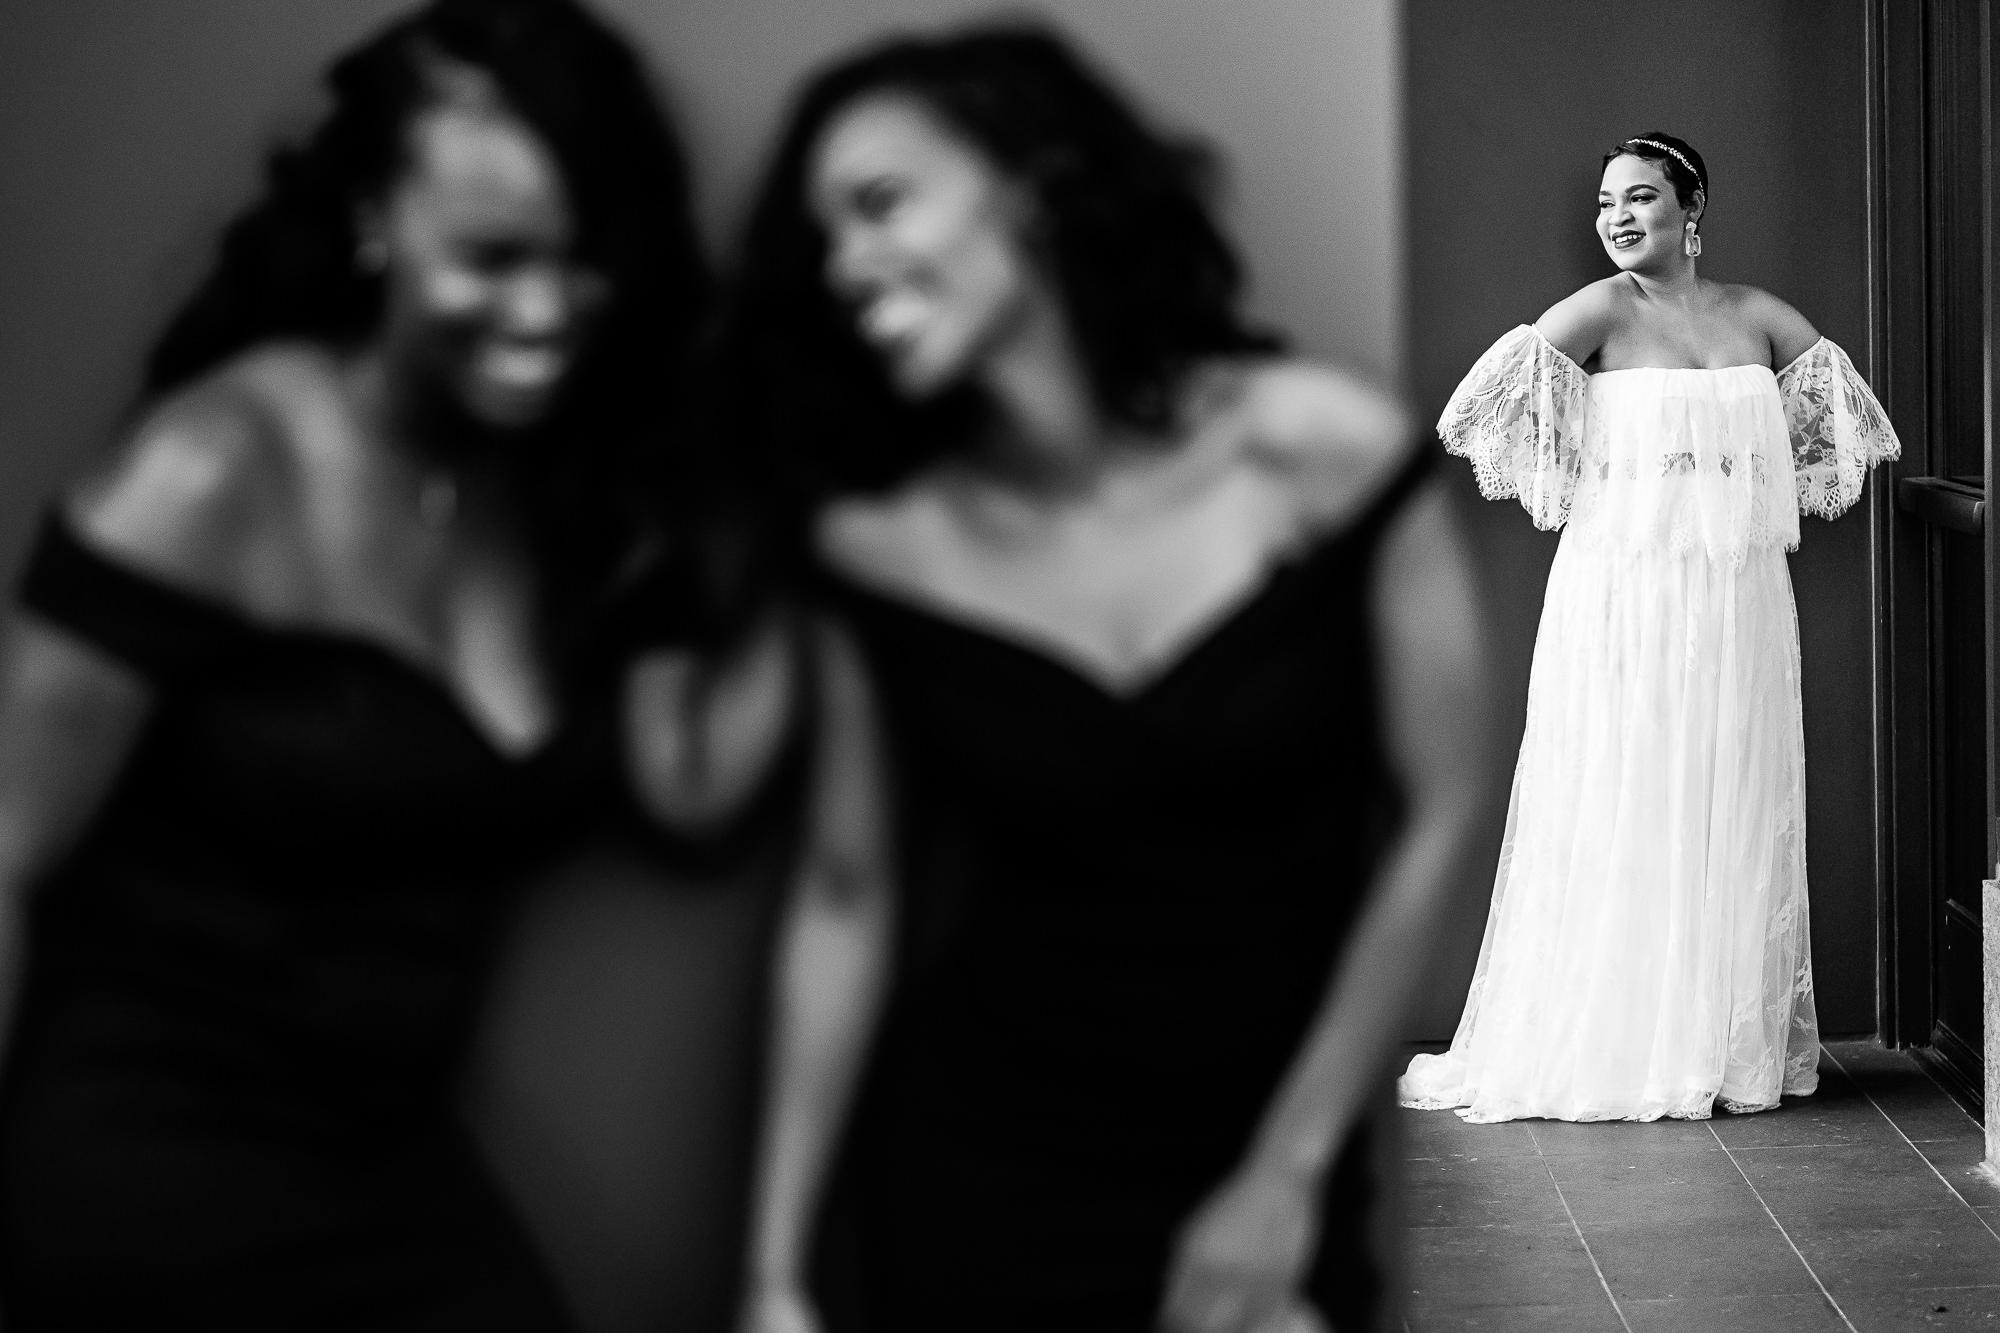 008-008-christopher-jason-studios-university-of-maryland-wedding-raheem-Devaughn-african-american-bride-and-groom.jpg